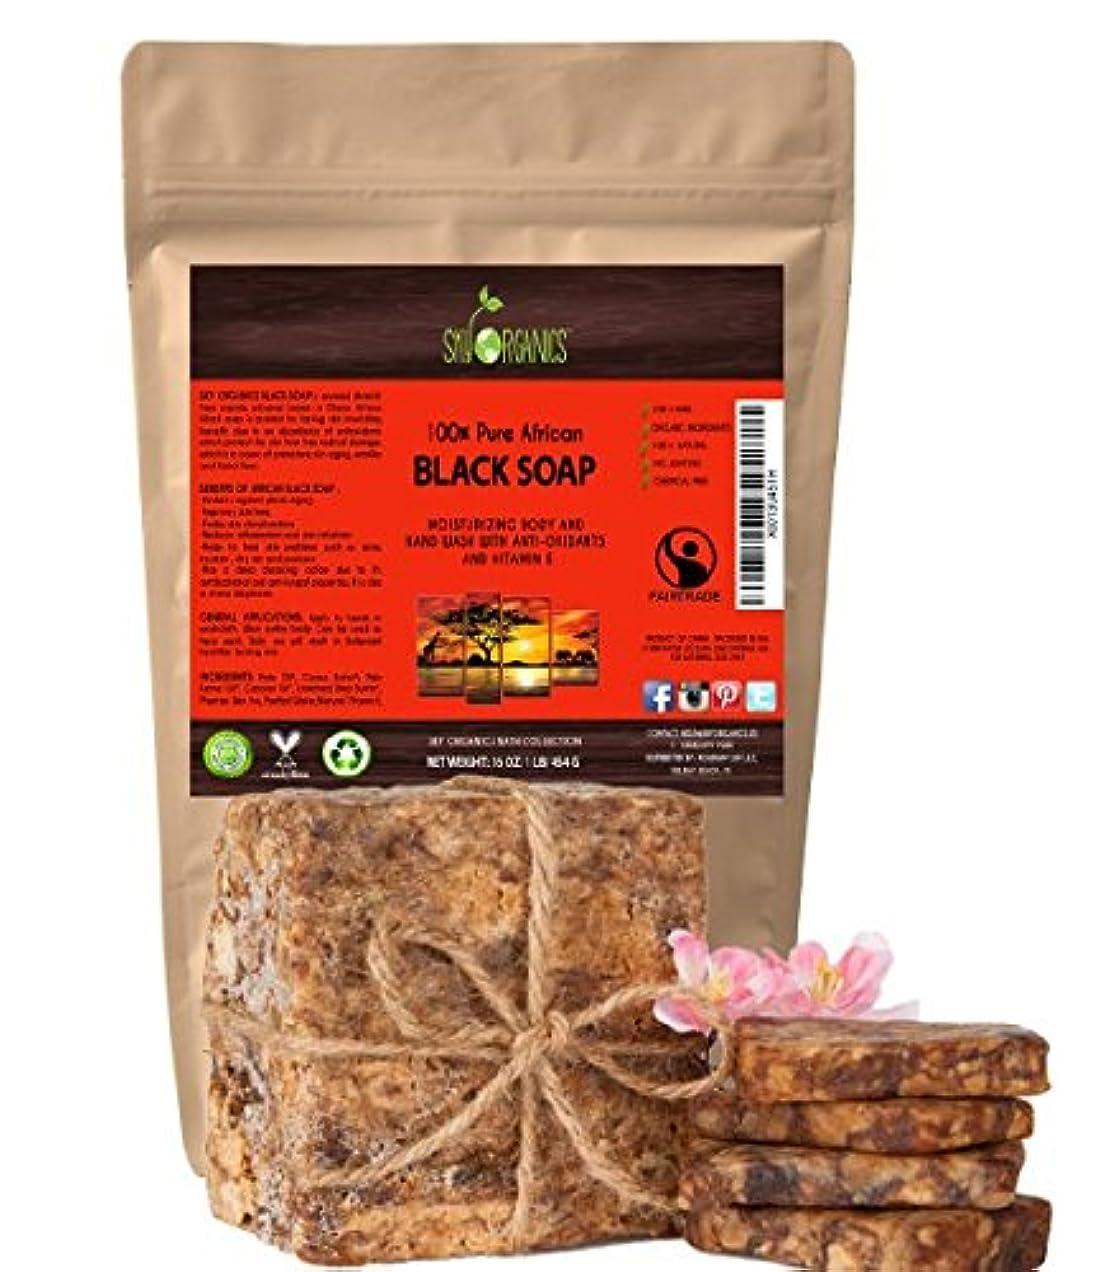 想起好意的黒人切って使う オーガニック アフリカン ブラックソープ (約4563gブロック)Organic African Black Soap (16oz block) - Raw Organic Soap Ideal for Acne, [並行輸入品]